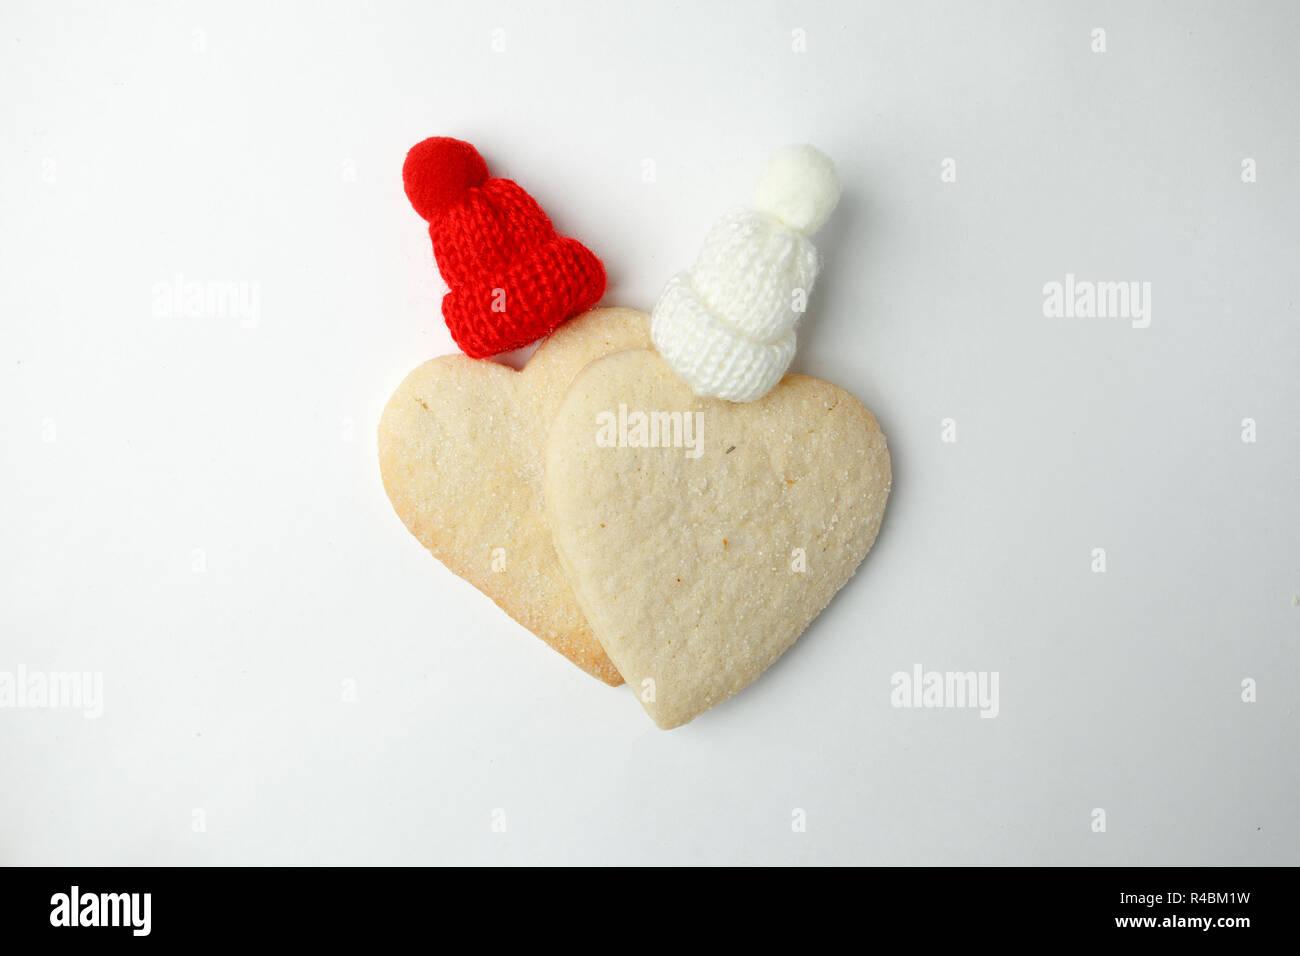 Hiver Noël Nouvel An Saint Valentin Décoration Fête Du Pain Dépice